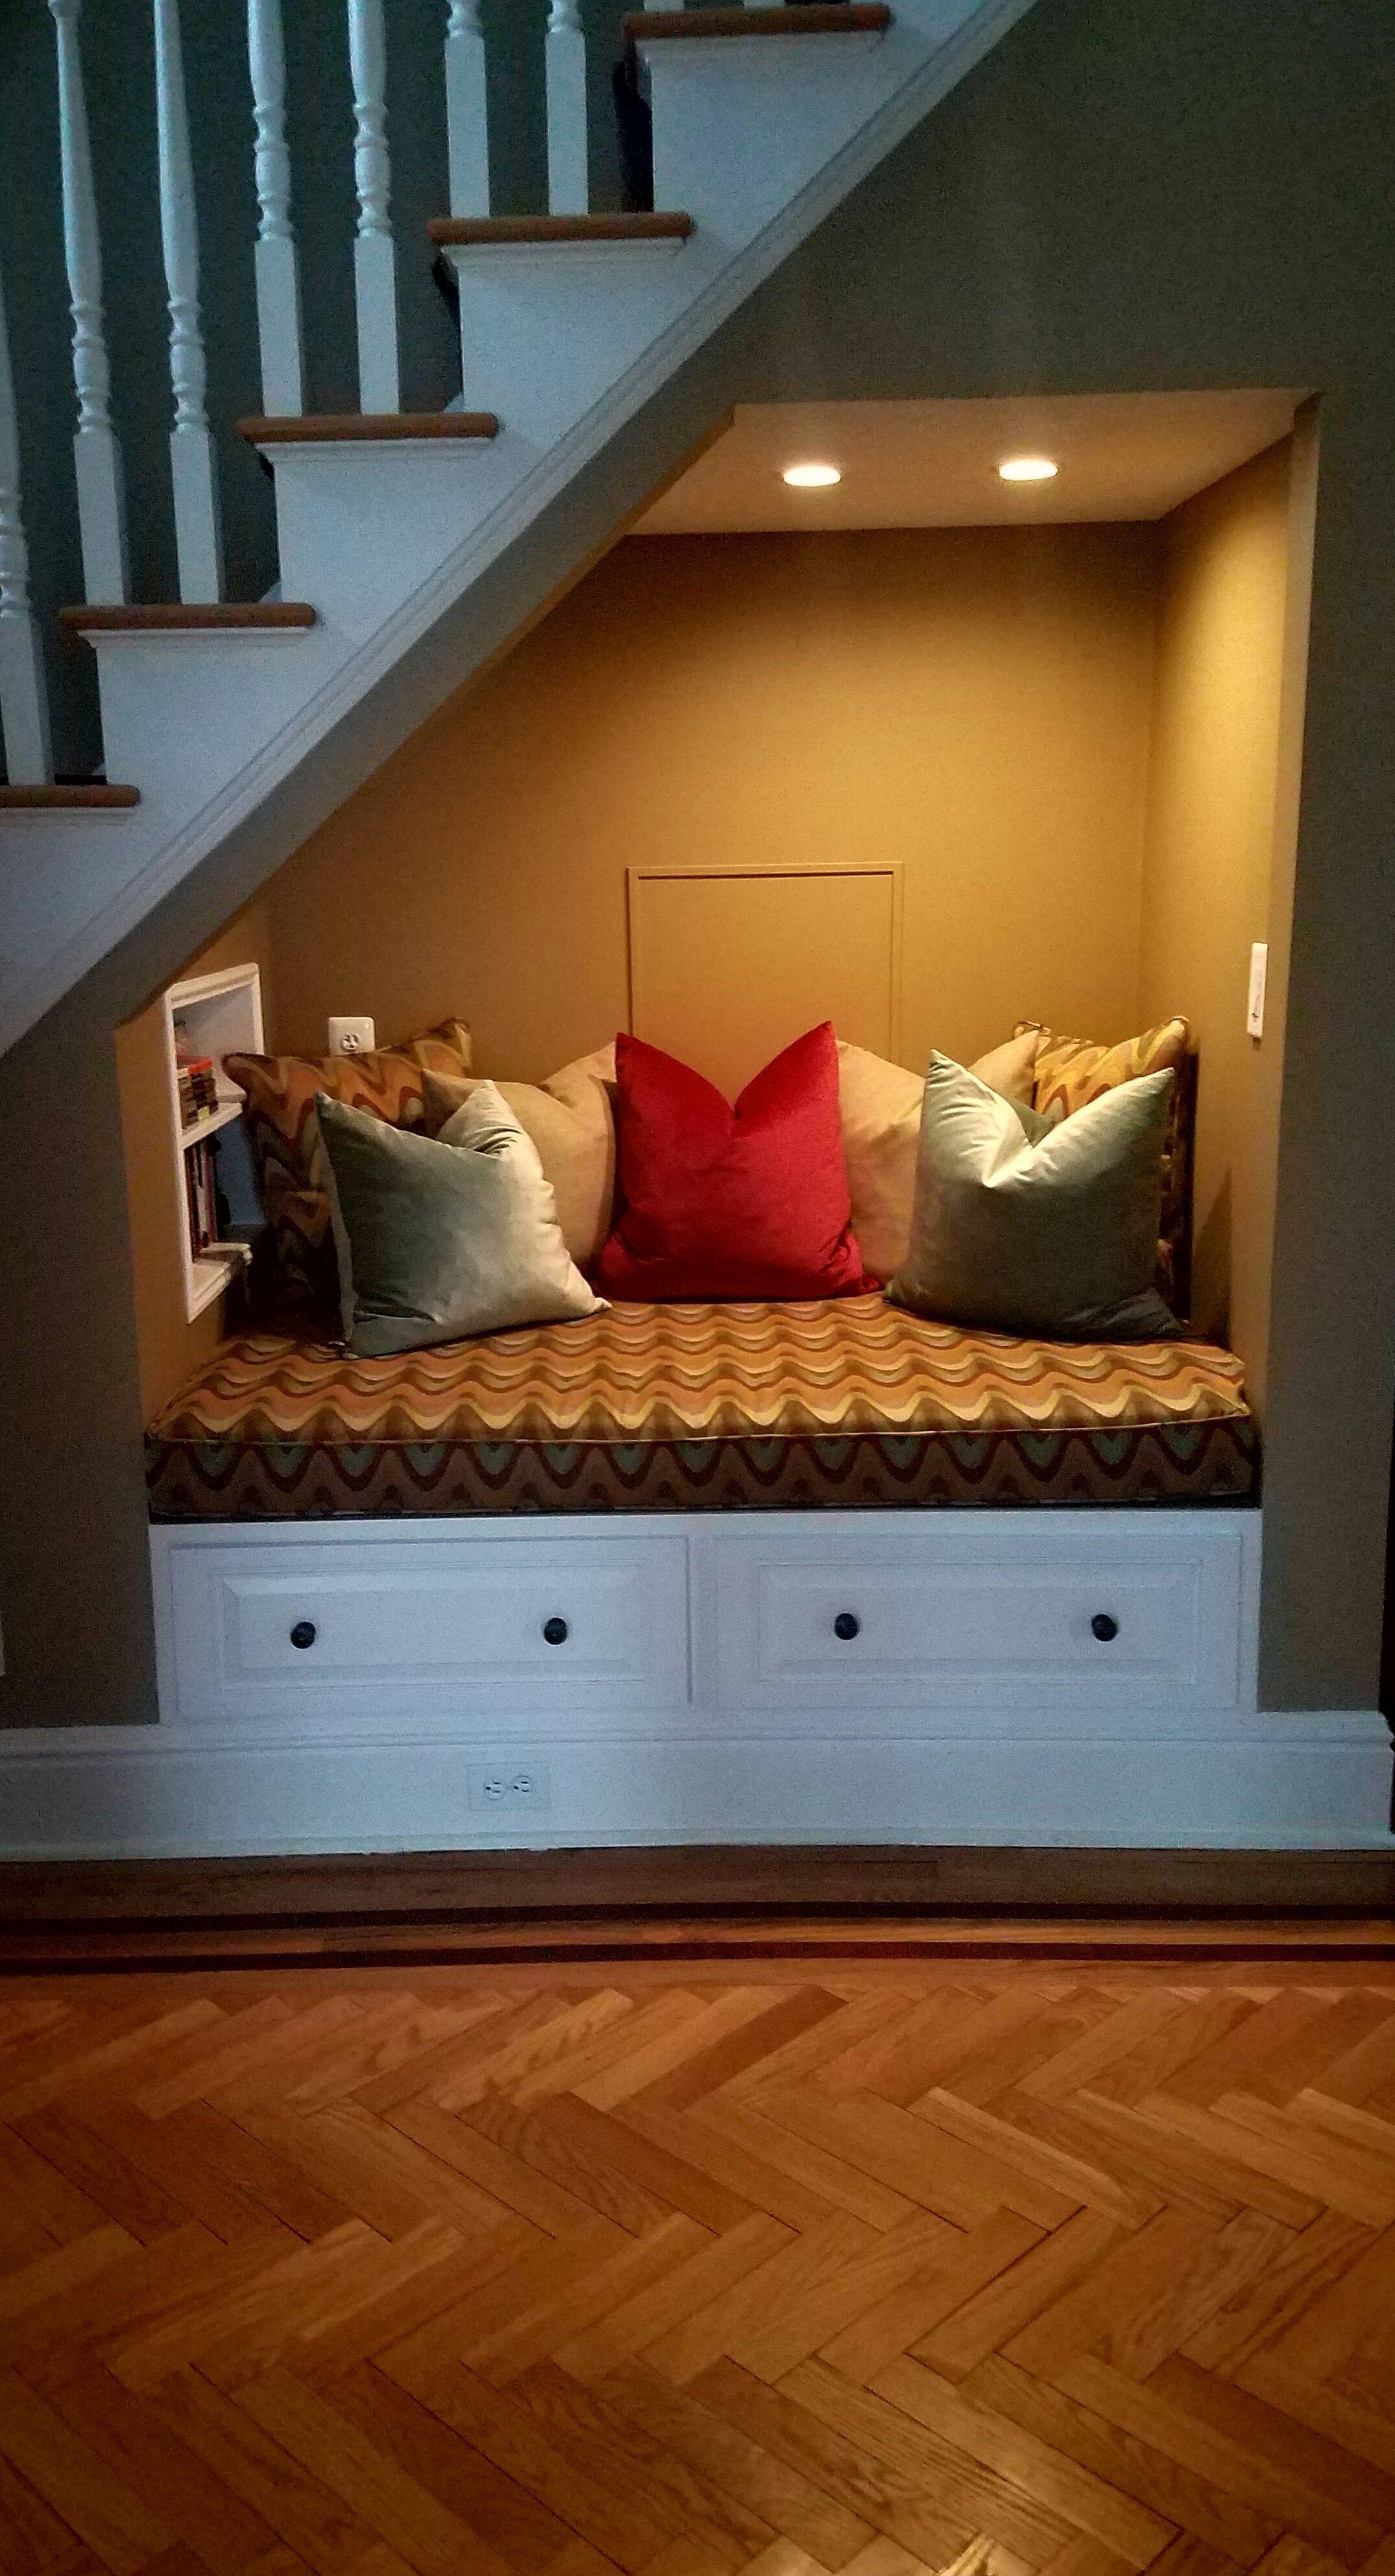 29 Basement Stairs Ideas Storage Under Staircase Under